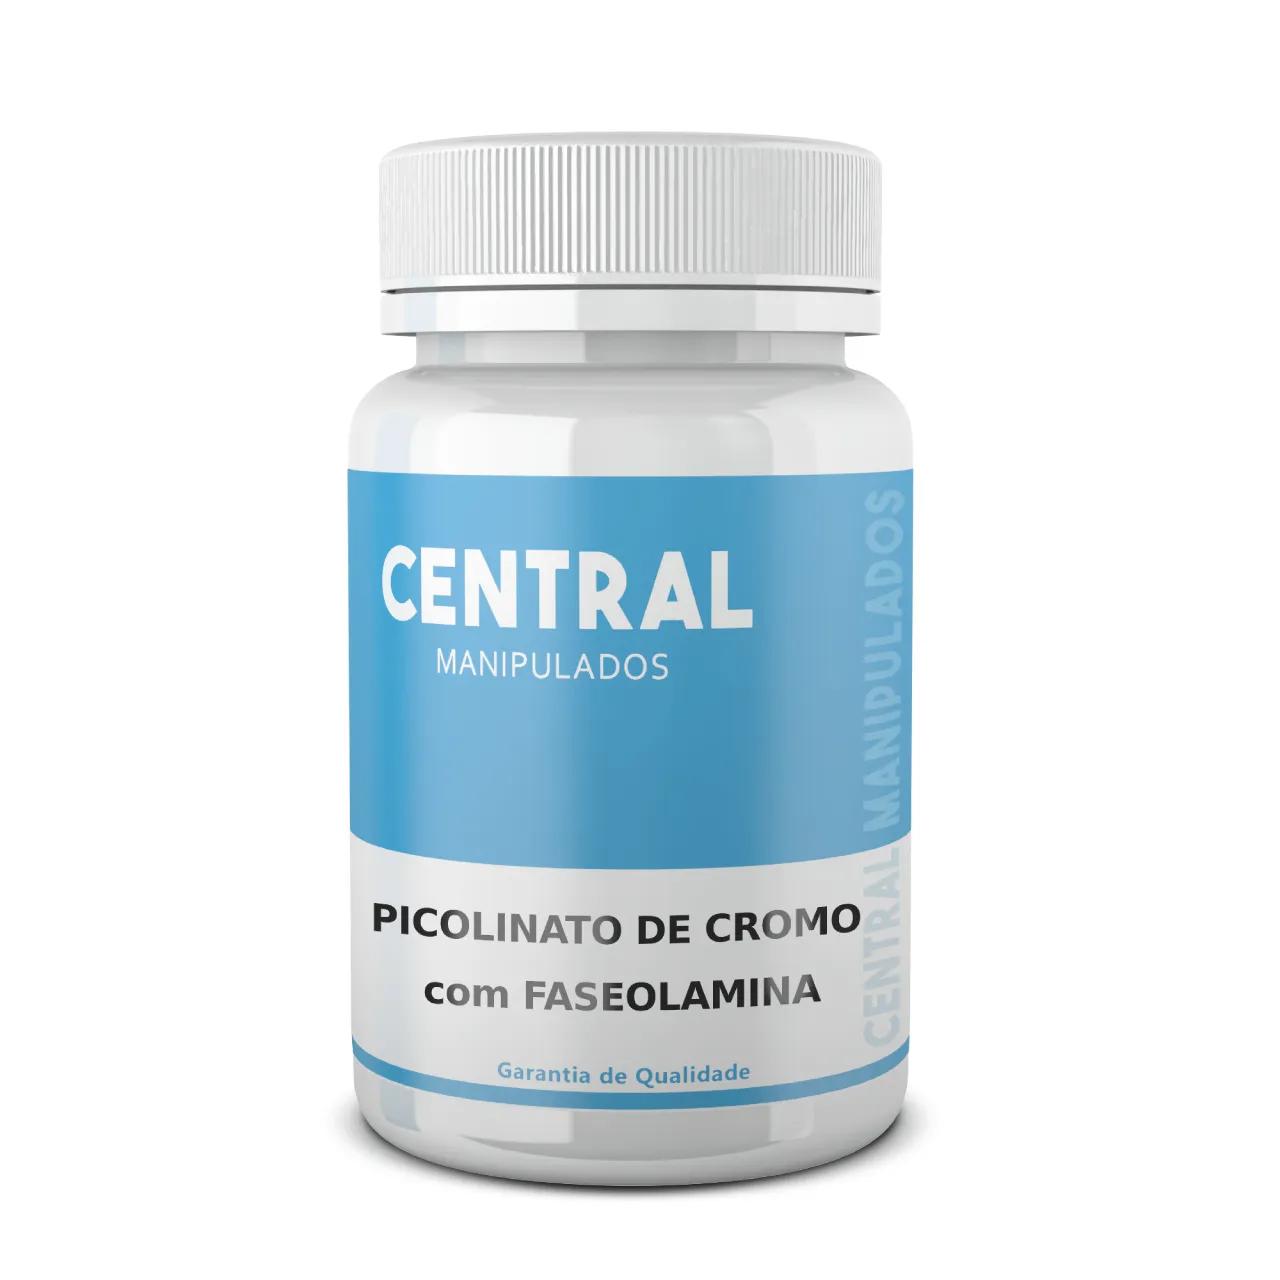 Picolinato de Cromo 250mcg + Faseolamina 500mg - 60 cápsulas - Auxílio na Redução de Medidas e Gerenciamento do Peso